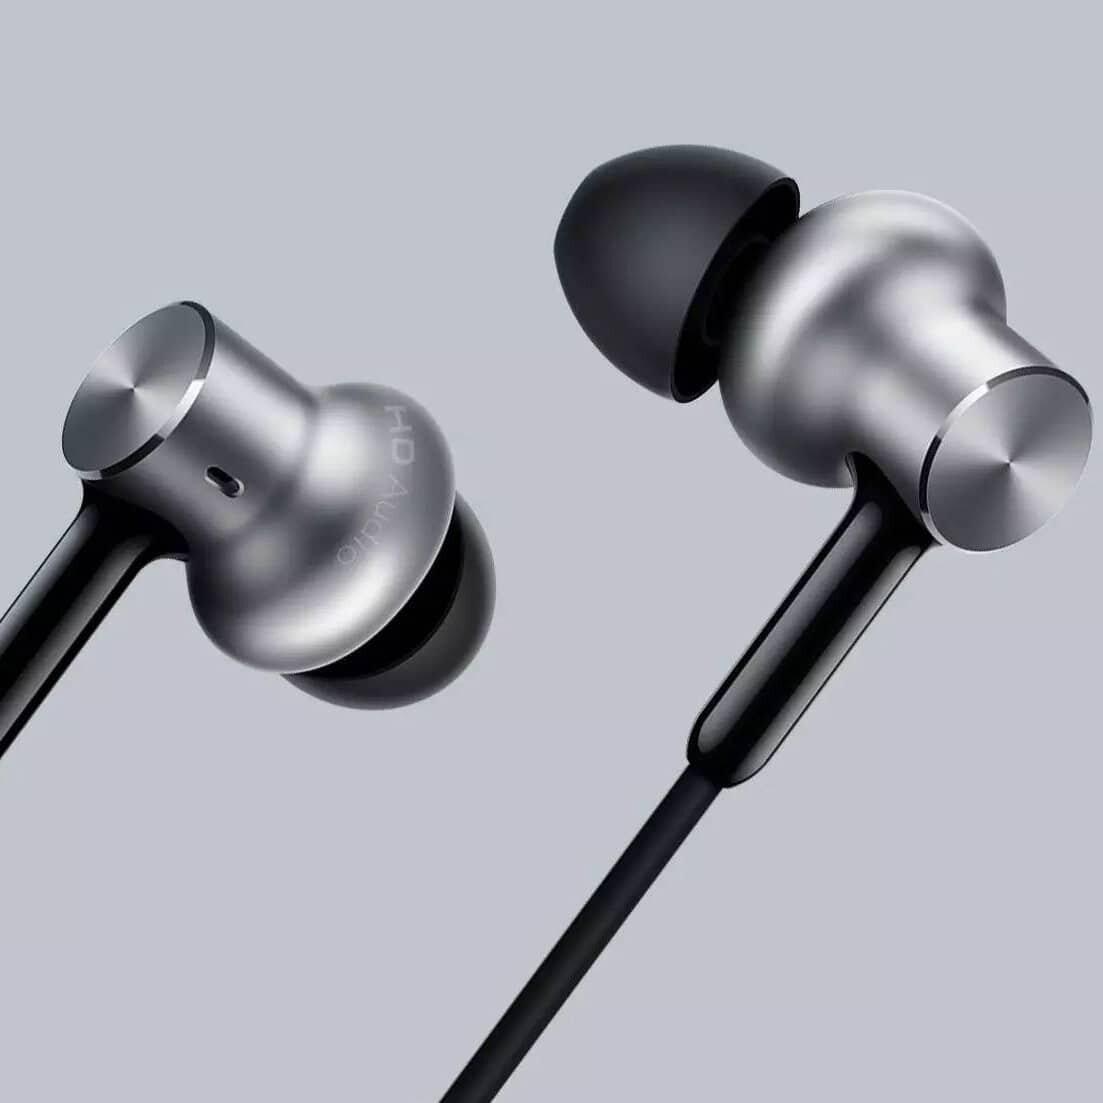 Tai nghe Xiaomi Piston Iron Pro có thiết kế sang trọng, đẹp mắt